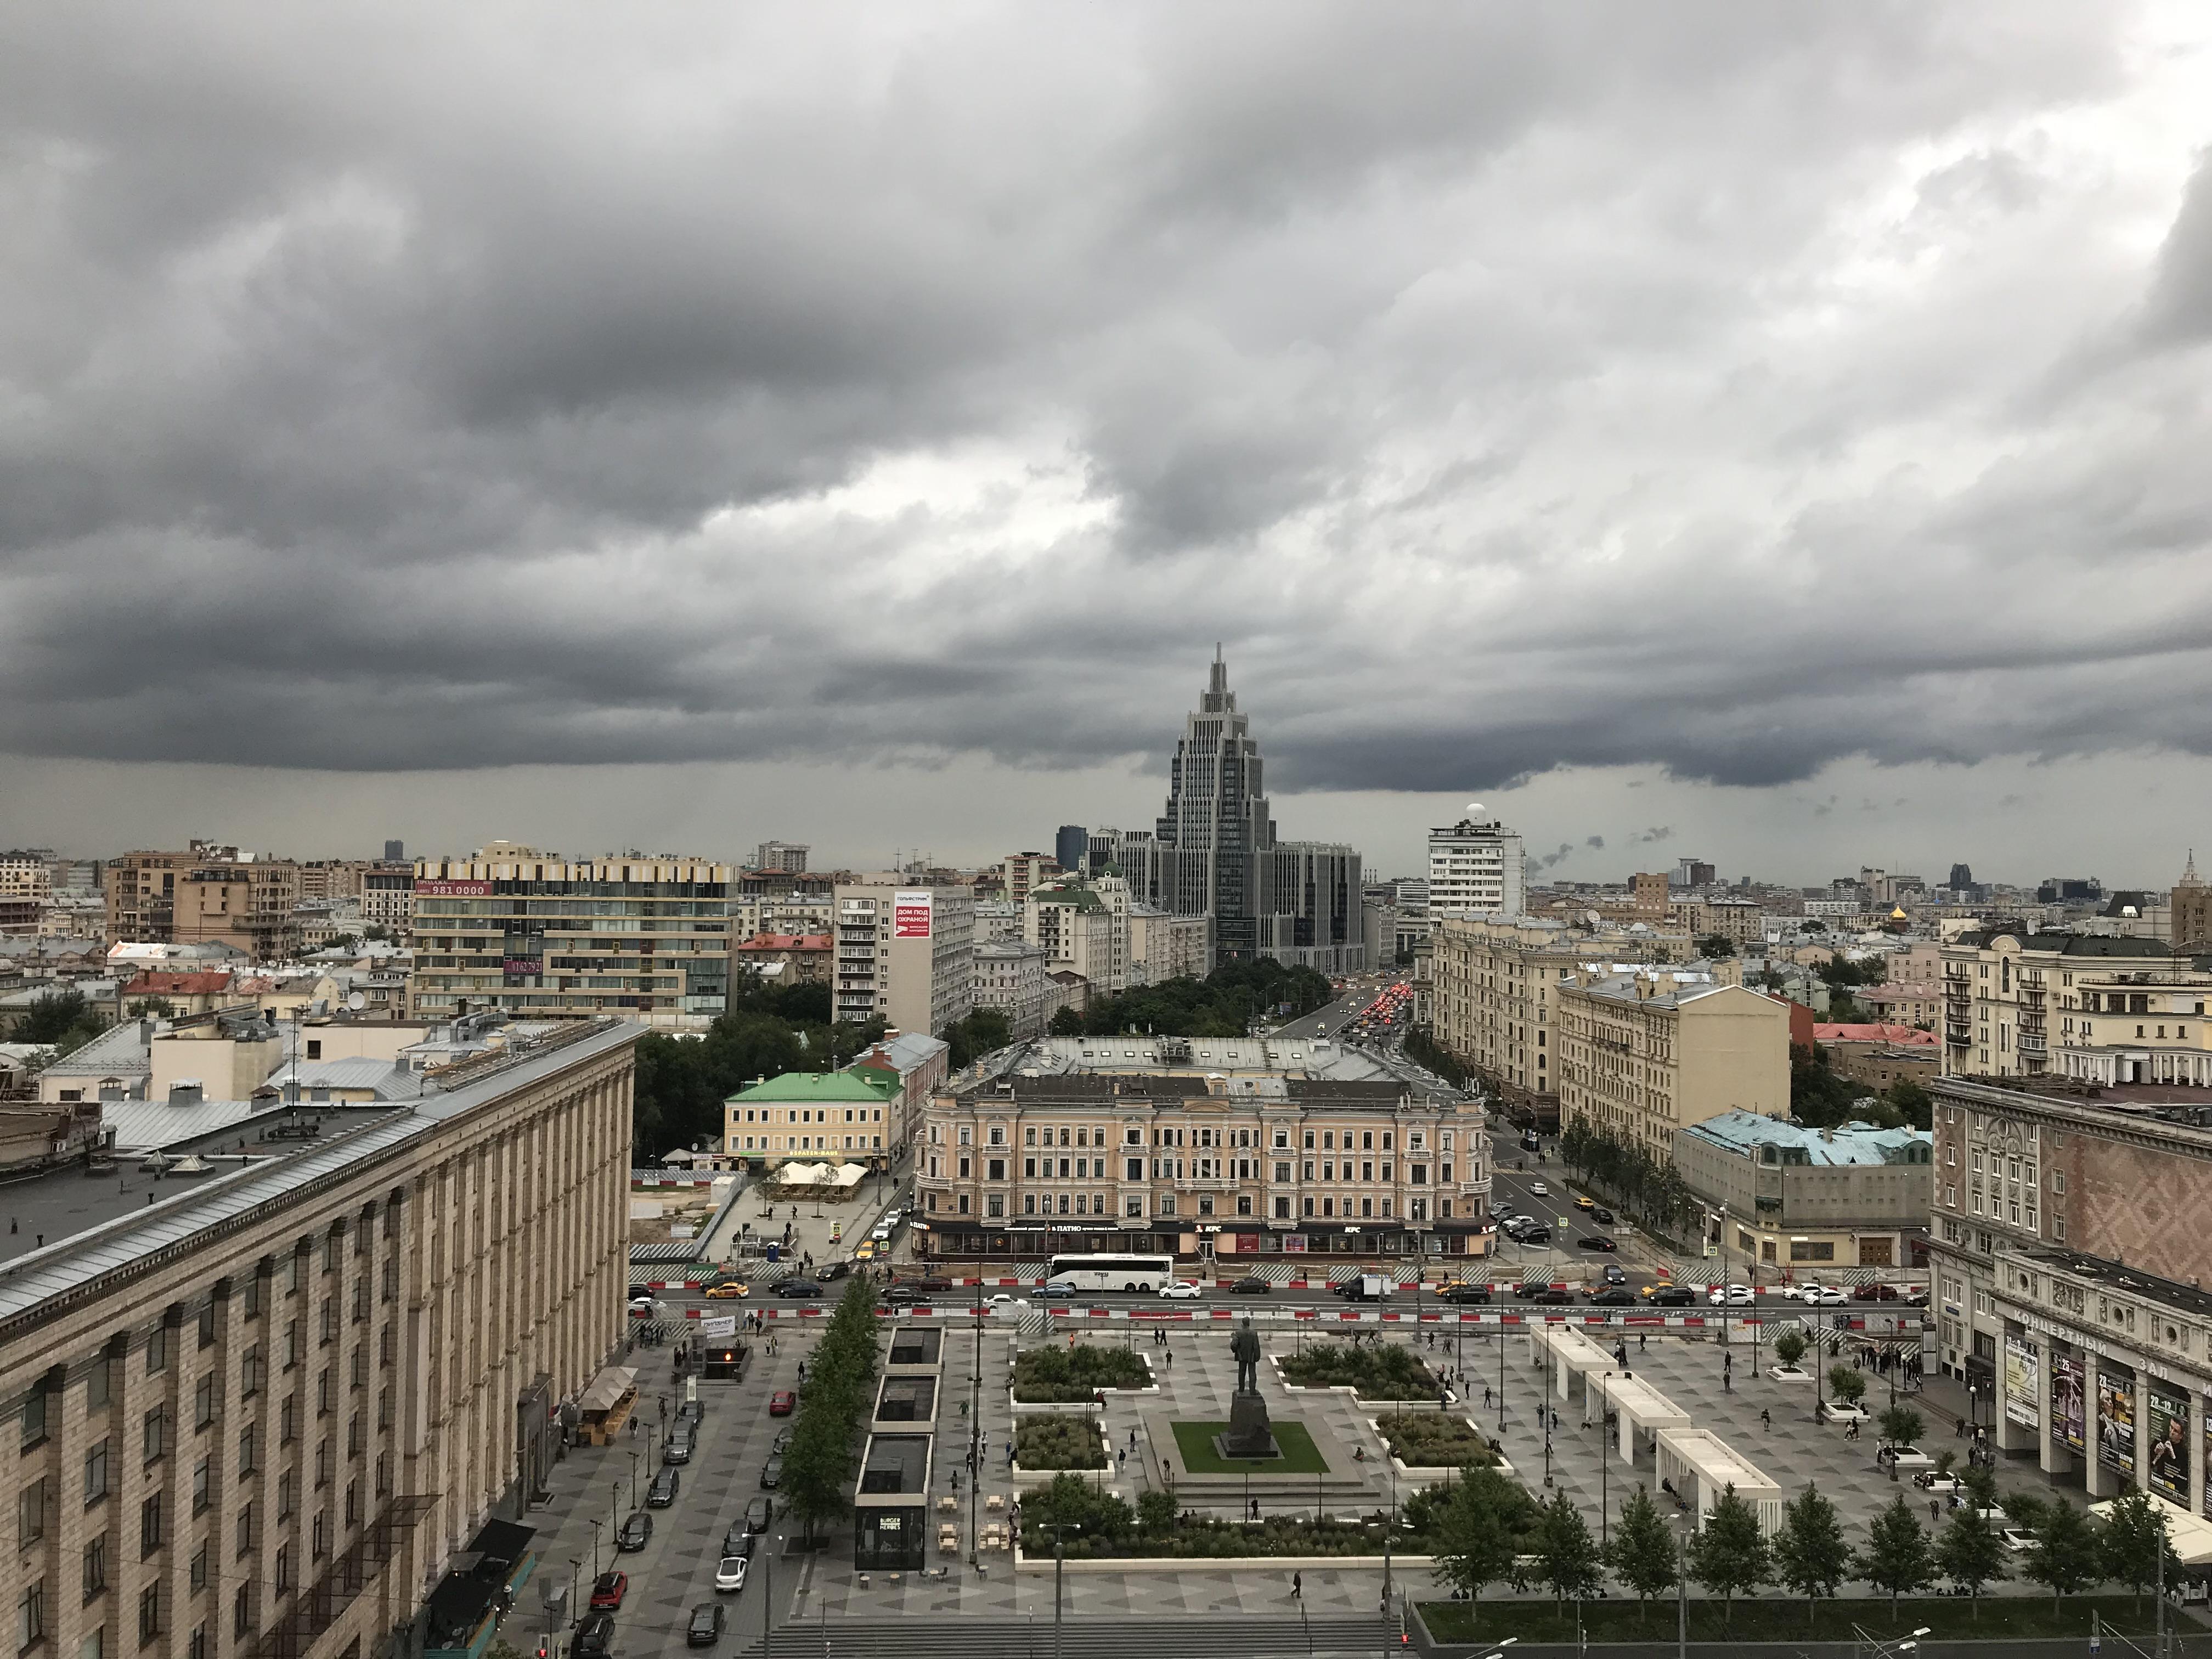 Москва перед грозой. Вид на Триуфальную площадь и памятник В. Маяковскому. Вдали здание БЦ Оружейный. Фото сделано с гостиницы Пекин.